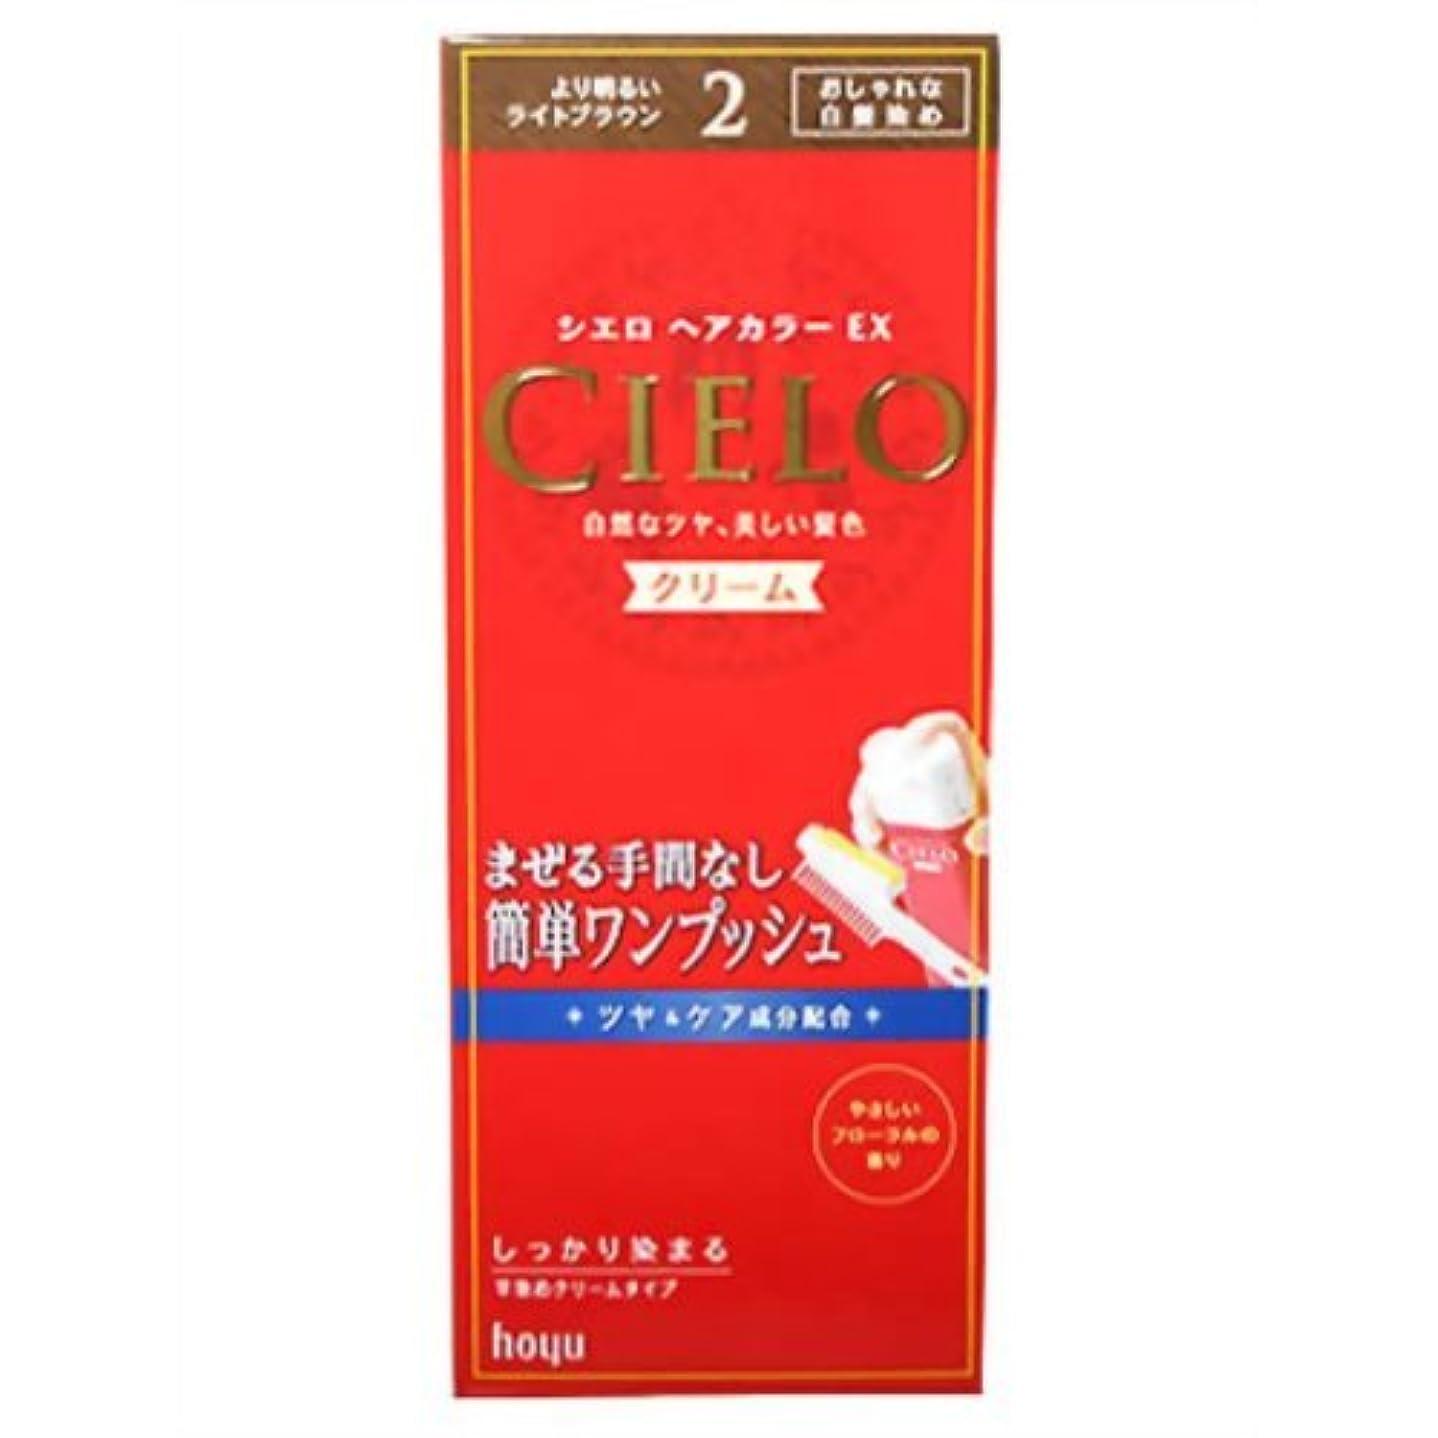 書道メジャー自治シエロ ヘアカラーEX クリーム2 (より明るいライトブラウン)